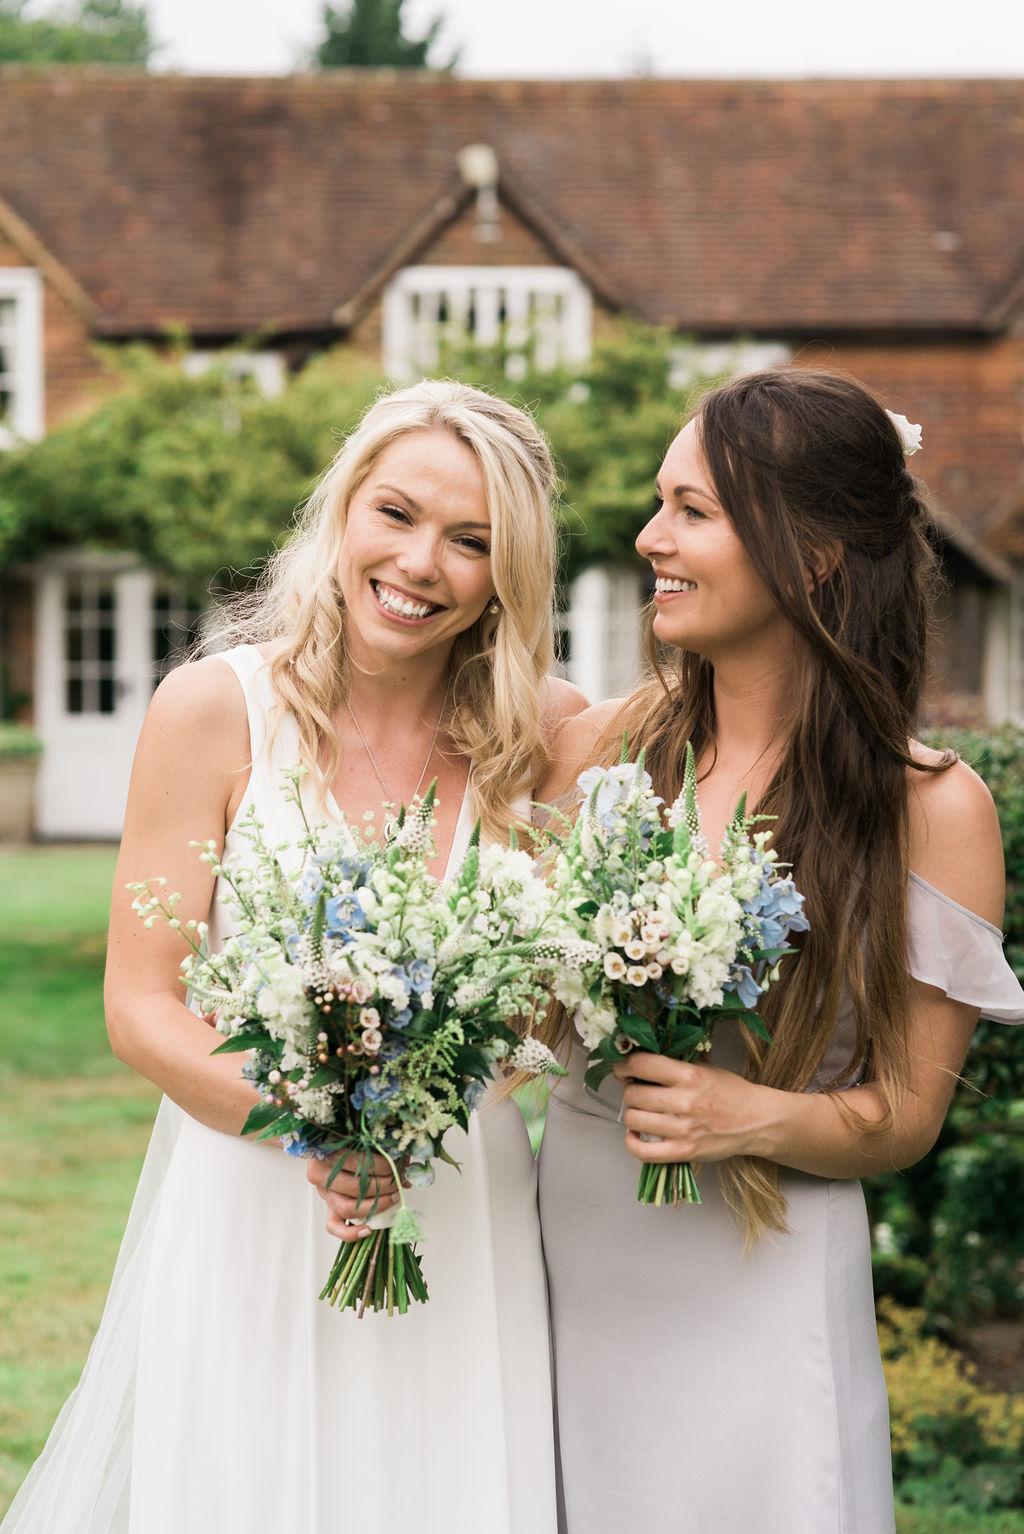 Rosie & Freddie's English Countryside Wedding